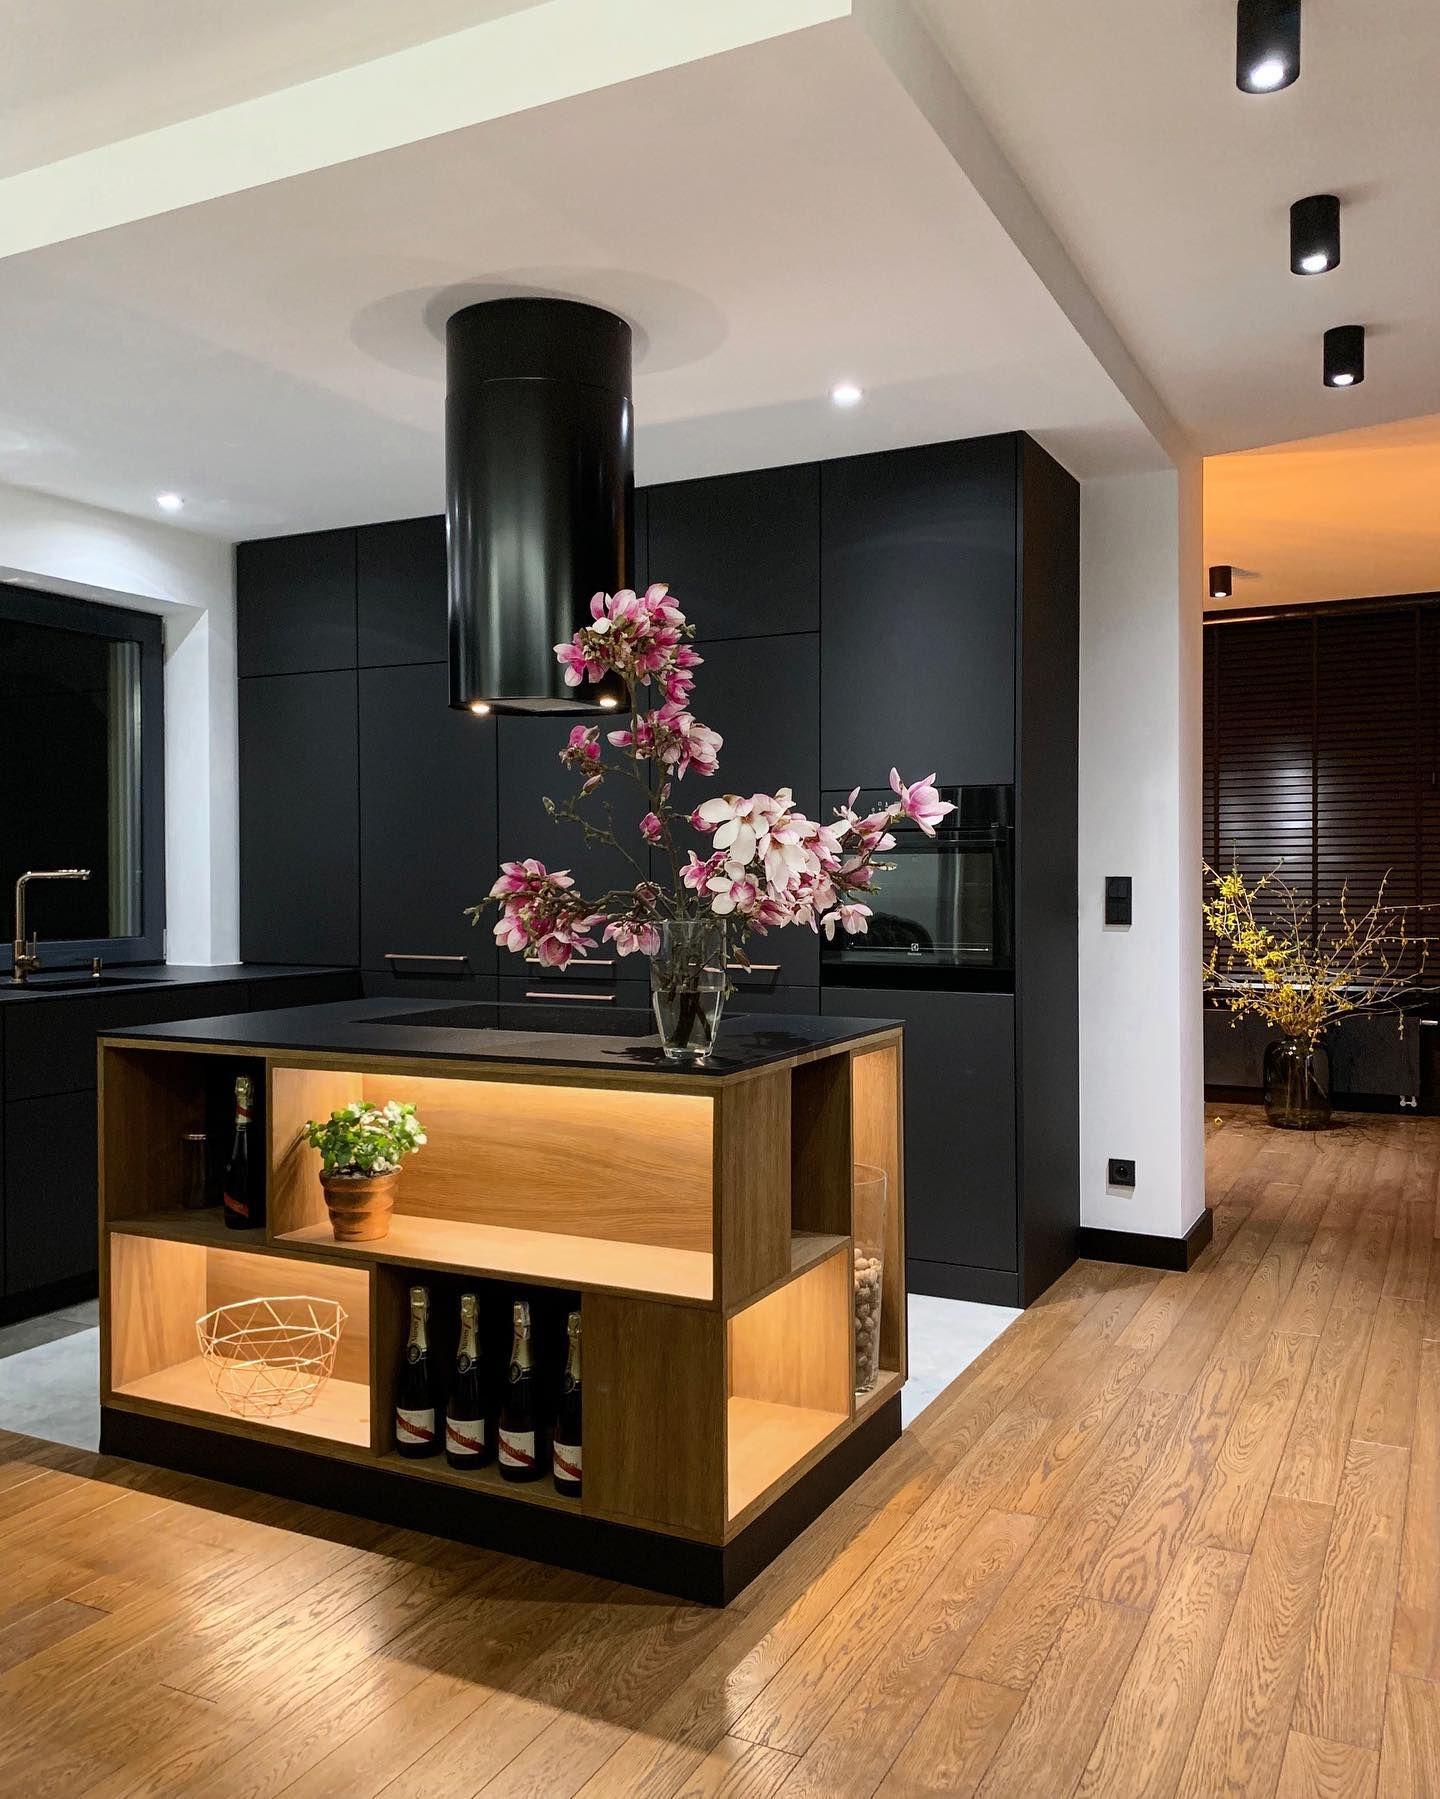 Okap Wyspowy Cylindro Black Nortberg In 2021 Modern Kitchen Kitchen Design Kitchen Interior